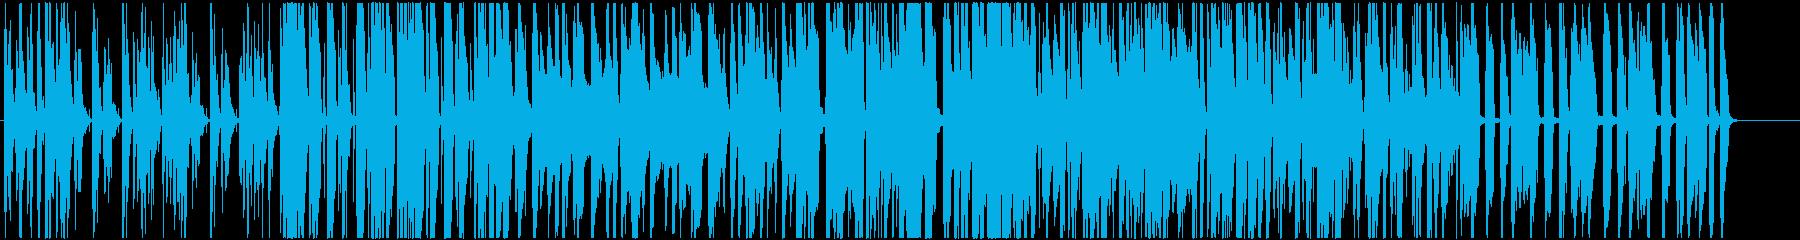 ストリングスとクラリネットのかわいい曲の再生済みの波形